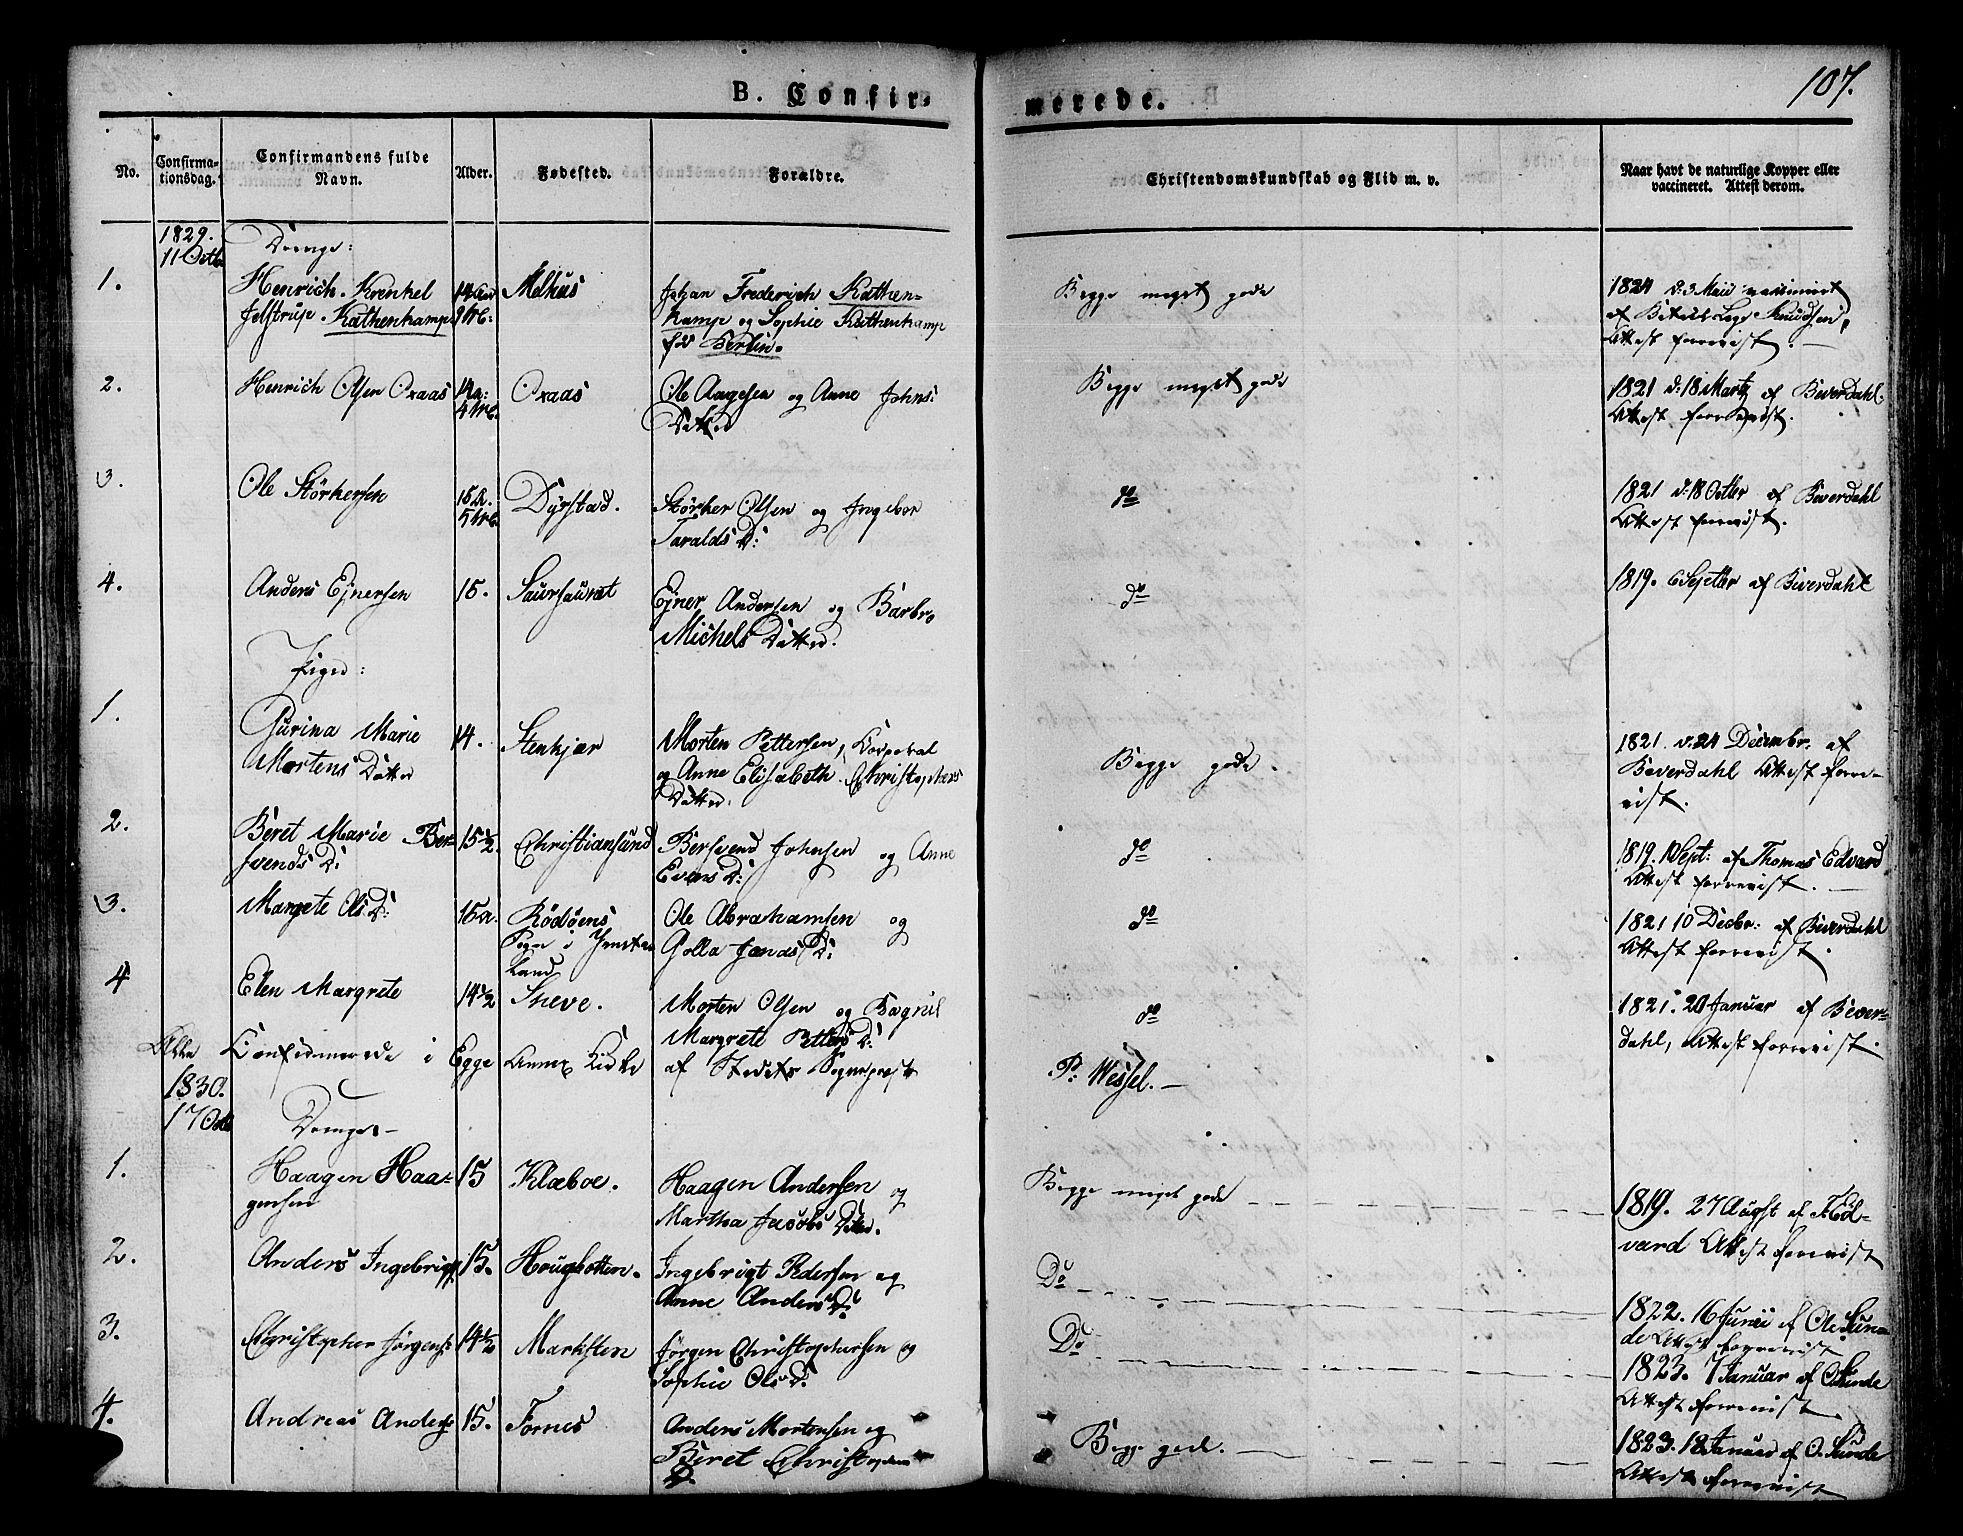 SAT, Ministerialprotokoller, klokkerbøker og fødselsregistre - Nord-Trøndelag, 746/L0445: Ministerialbok nr. 746A04, 1826-1846, s. 107